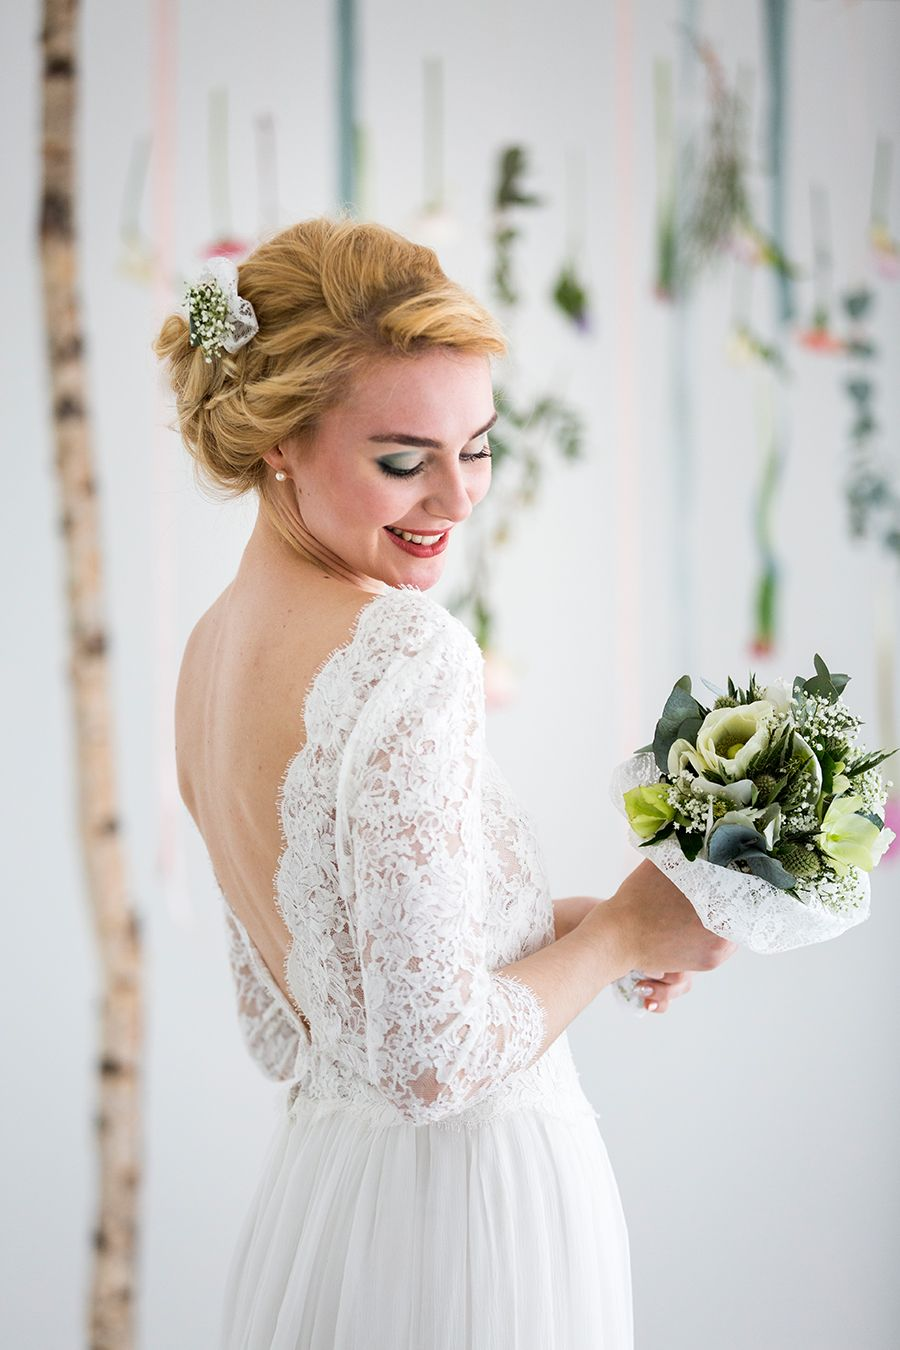 Hochzeitsinspiration für den Frühling Fotografie: Nadine Saupper ...